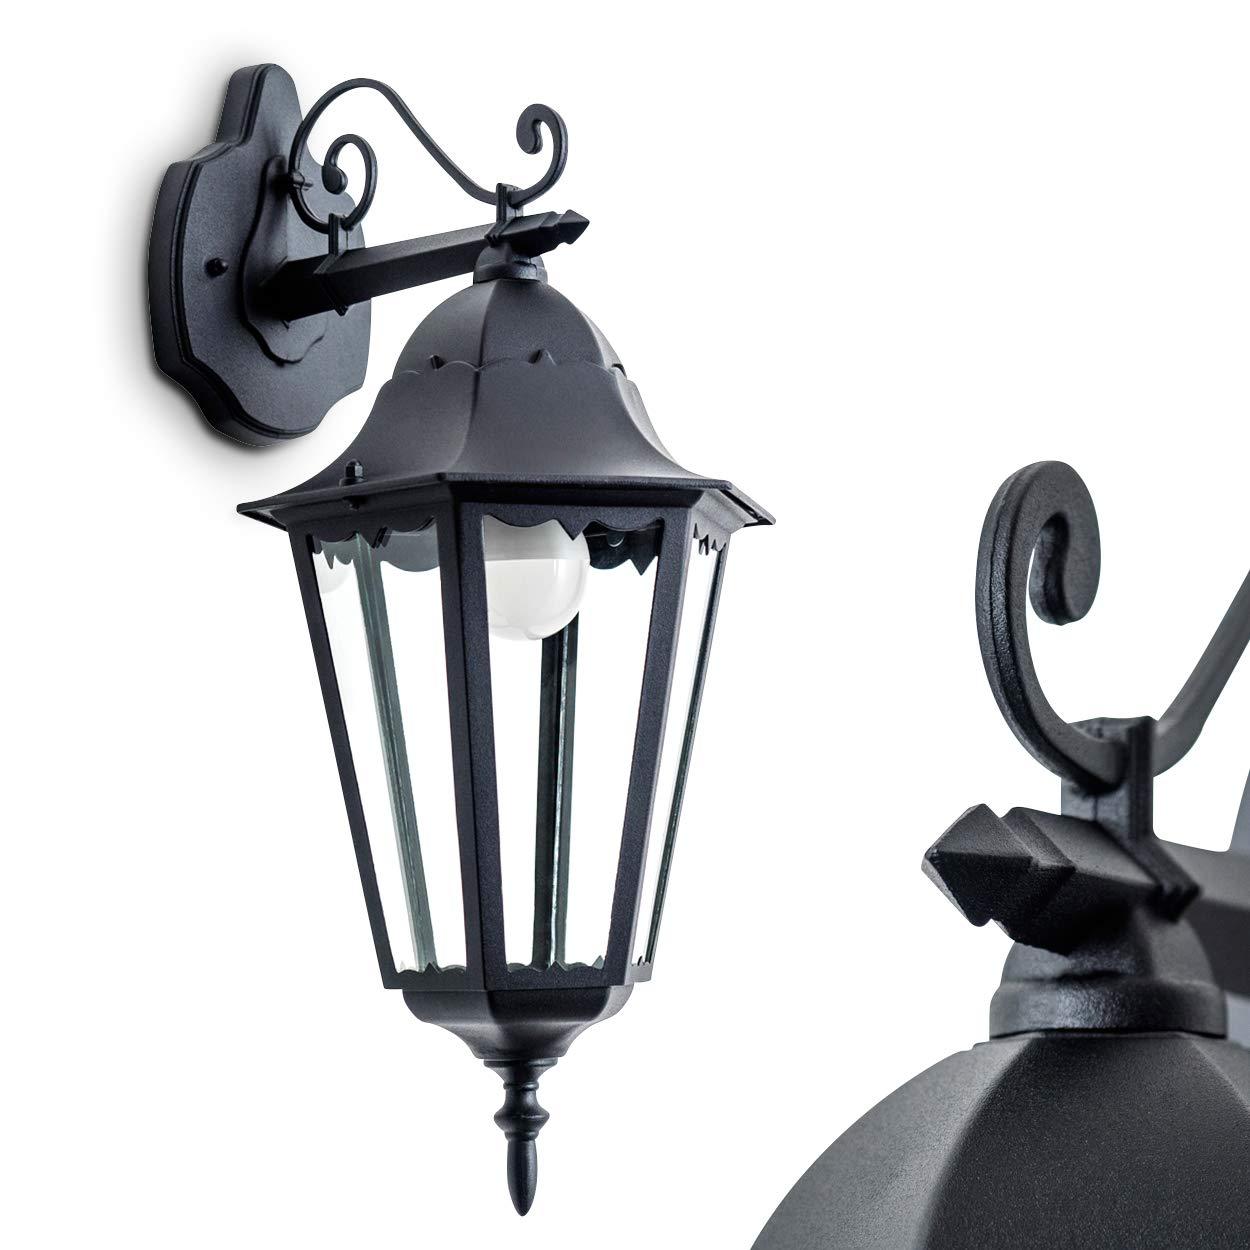 Außenstehleuchte Hongkong Frost aus Aluguss in Schwarz – Stehlampe zur Bodenbefestigung in modernem Look mit Glas-Scheiben – Moderne Sockelleuchte außen – Wegelampe – Beetbeleuchtung – E27-Fassung hofstein